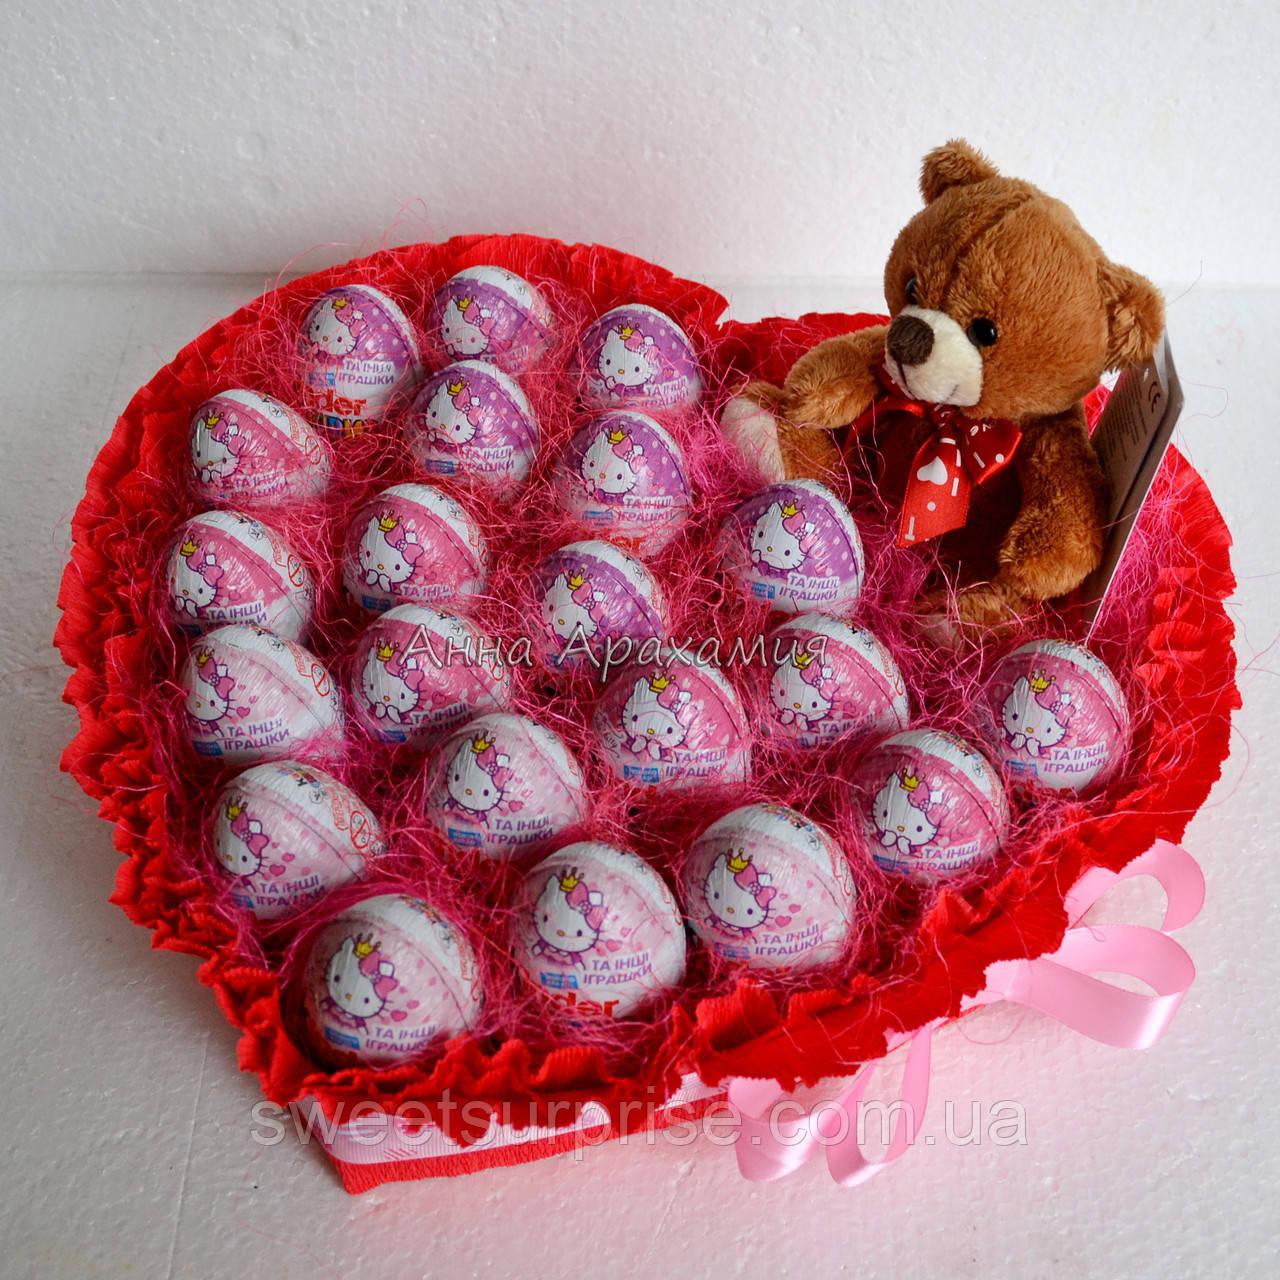 Что подарить мужу на день влюбленных своими руками